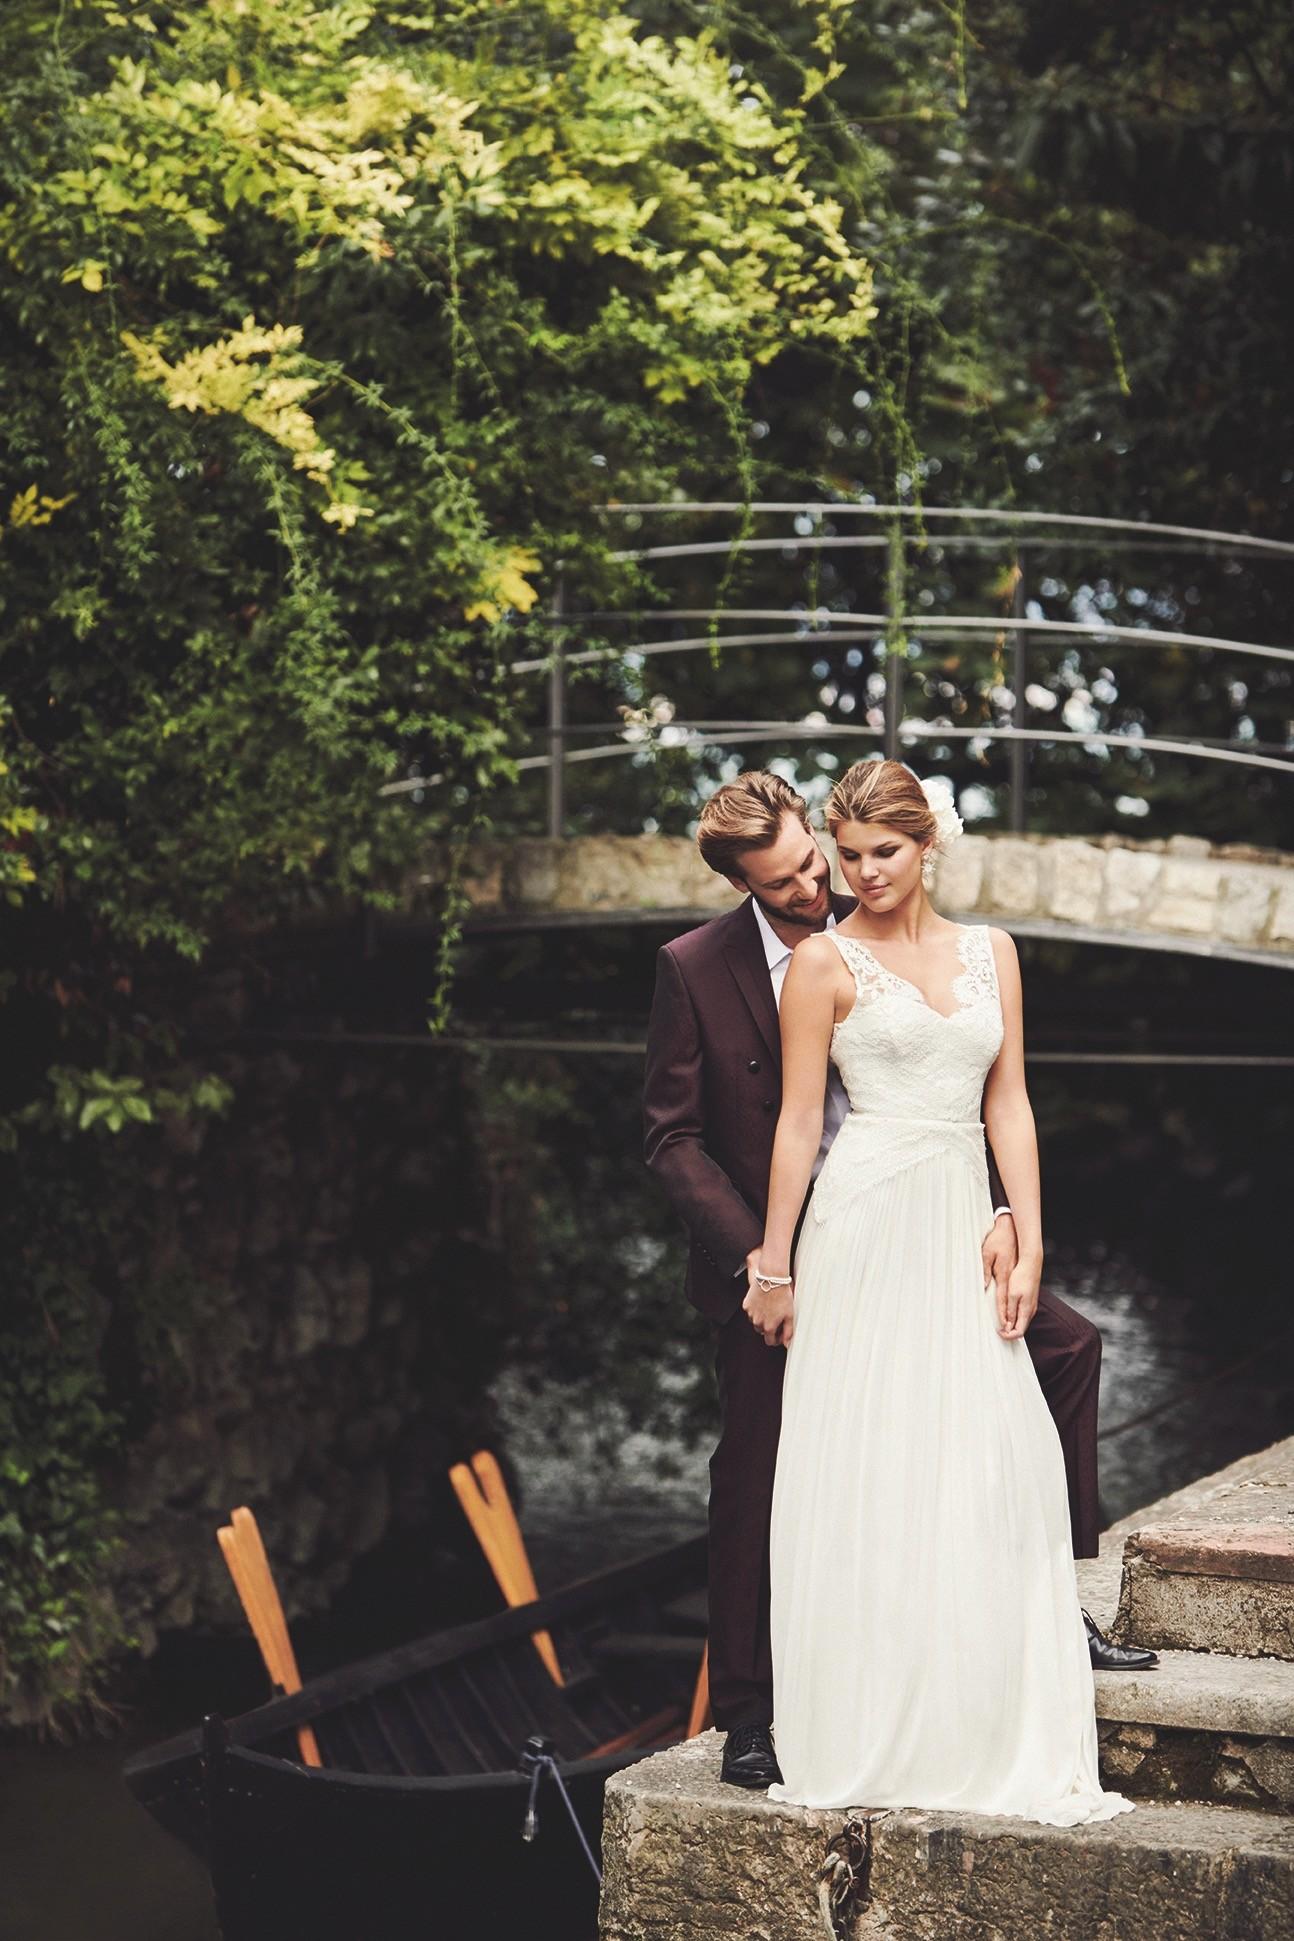 Brautkleid von Kisui Berlin, Anzug von Tziacco